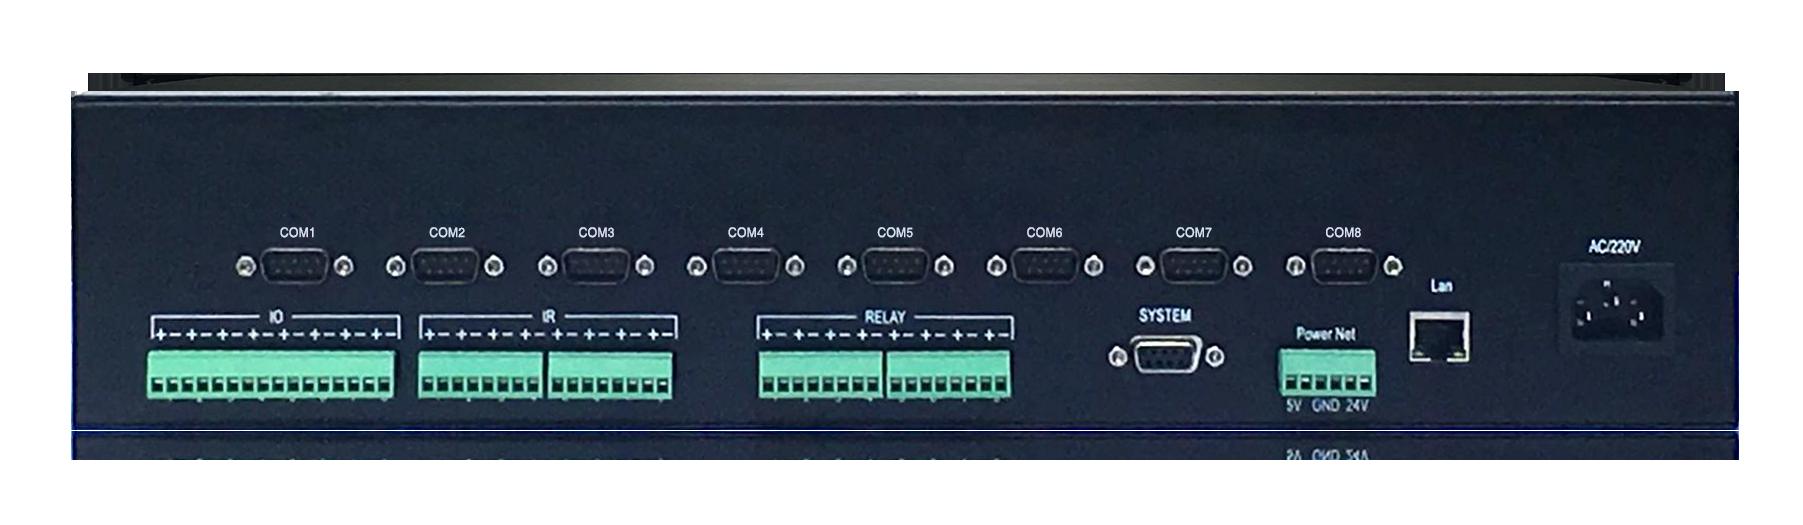 中央控制器 QT-ZK62WF